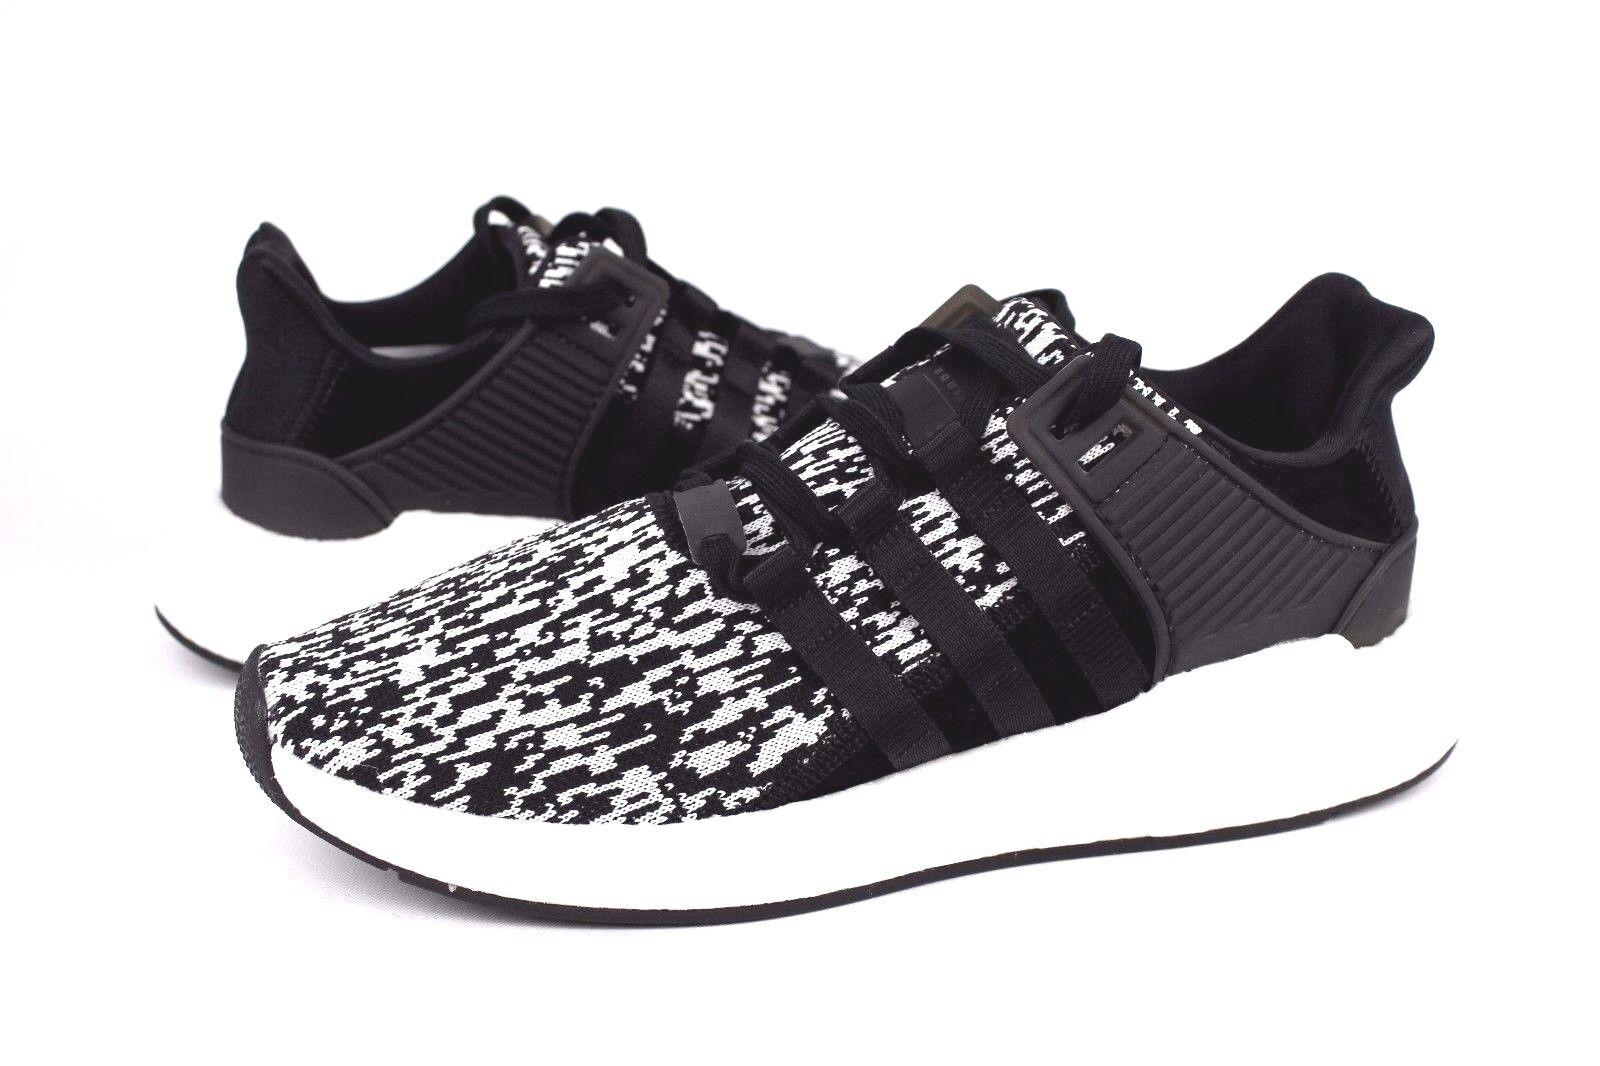 Adidas eqt stärkere unterstützung 93 / 17 bz0584 kern größe schwarz - weiß - größe kern 9,5 nib ausverkauft! 3bf666